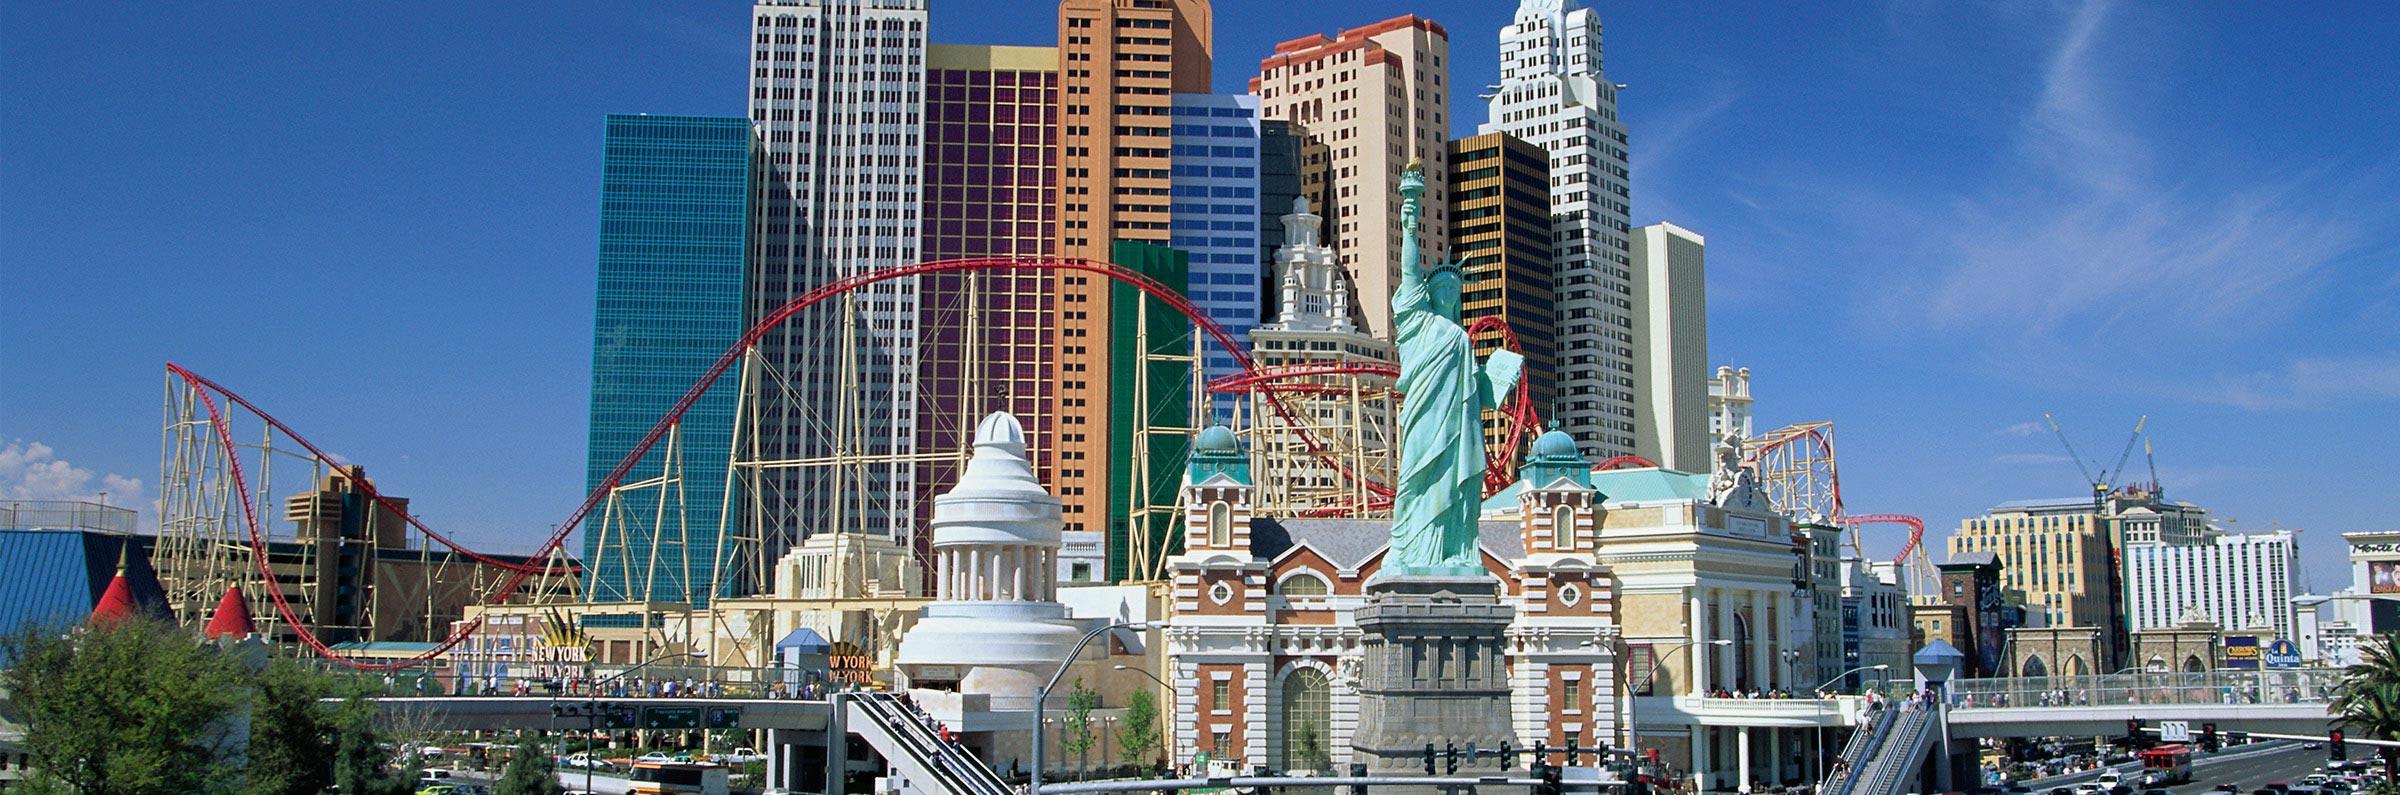 Lugares de inters y atracciones in Las Vegas